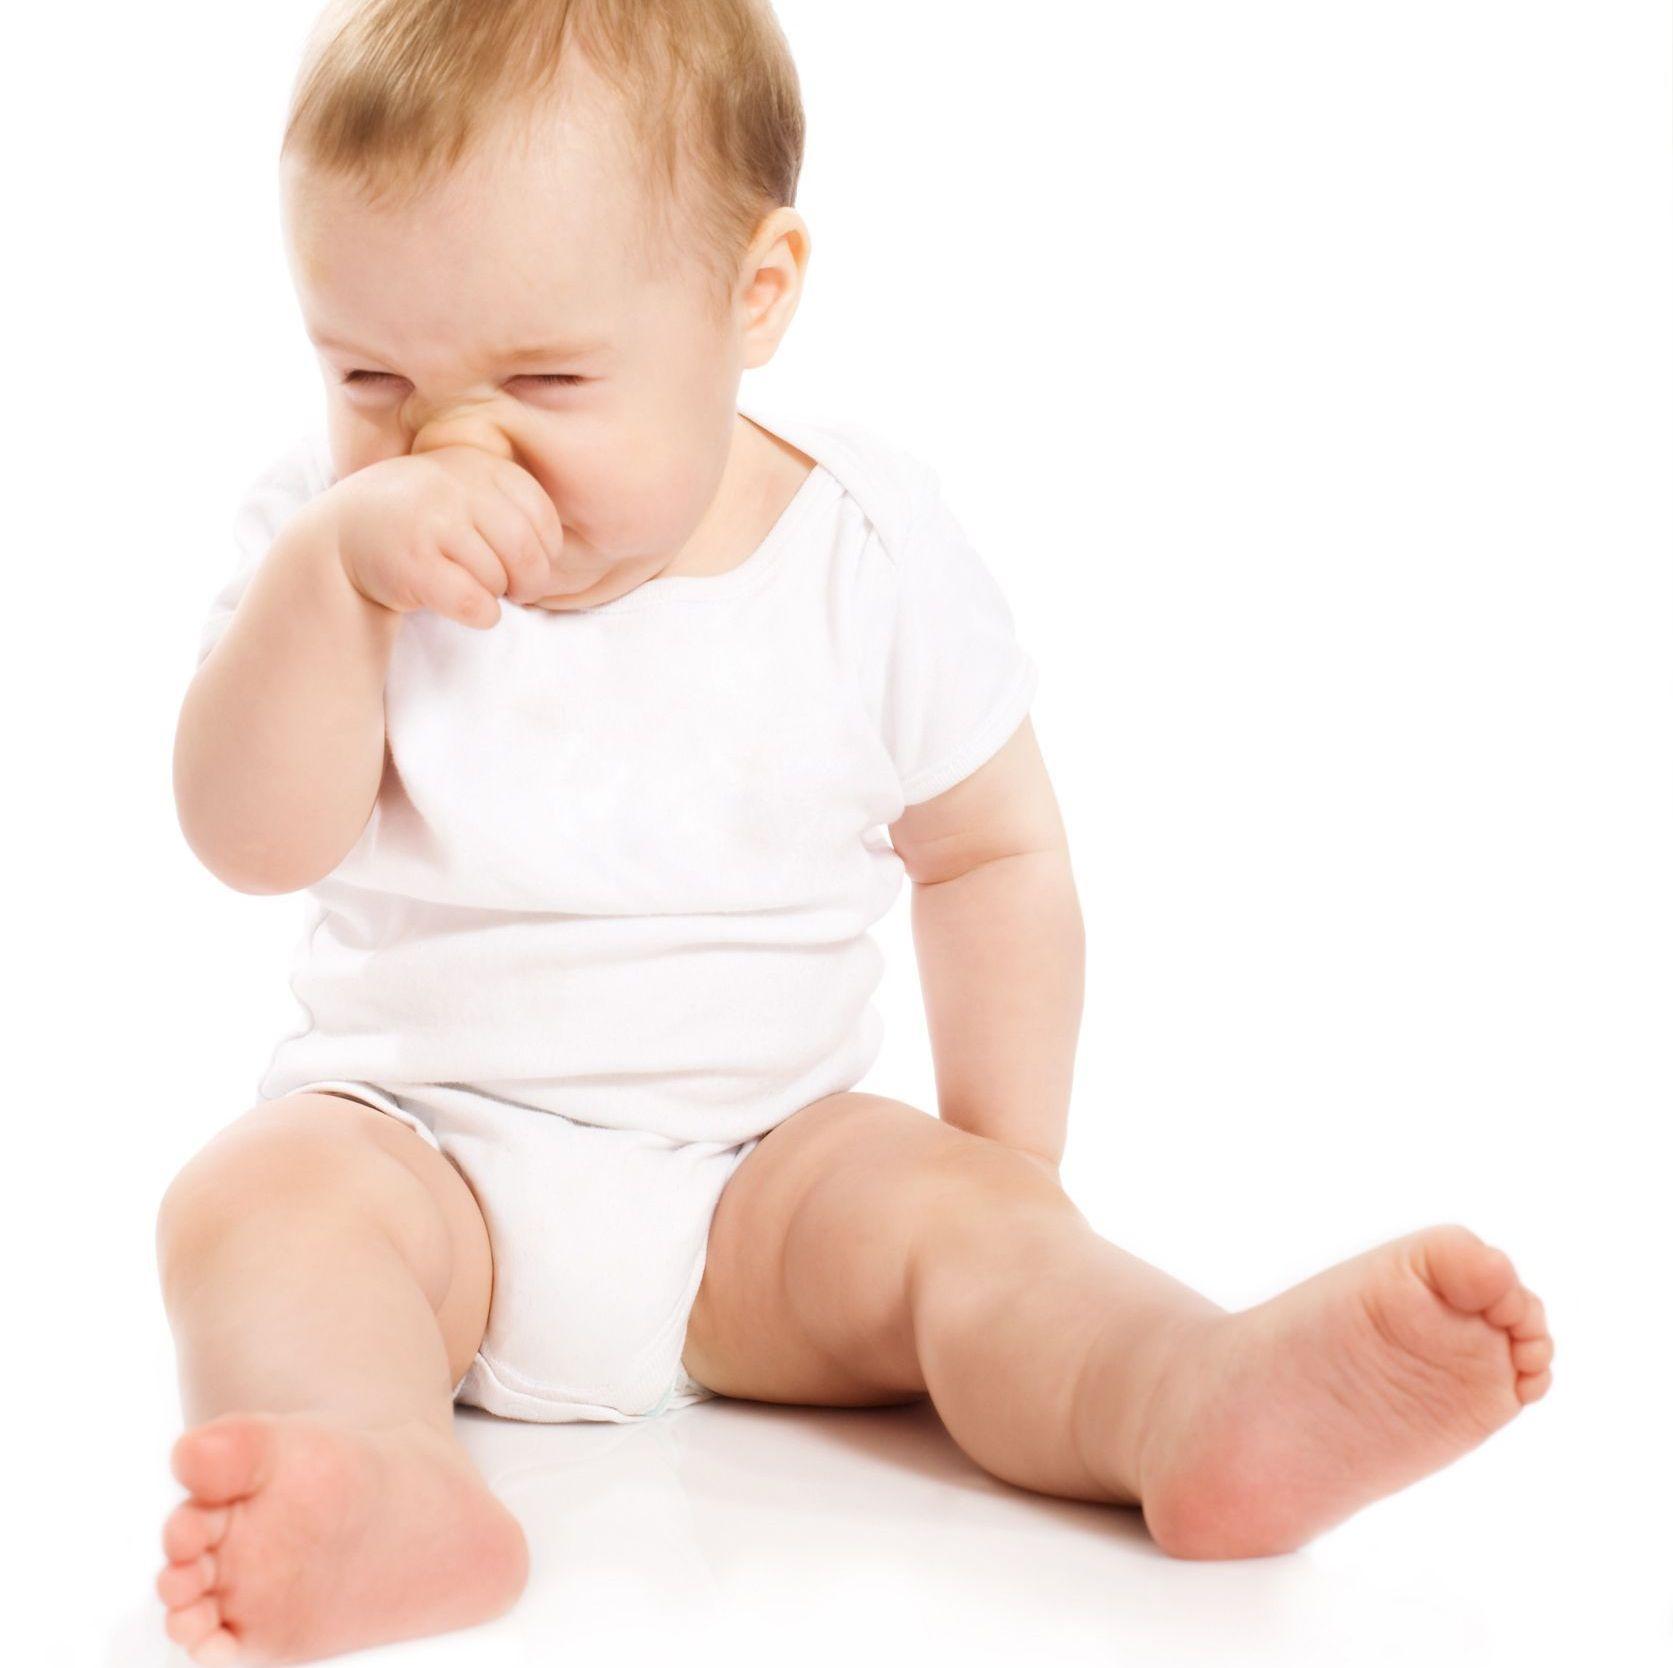 Çocuklarda burun tıkanıklığı: nedenleri ve tedavisi